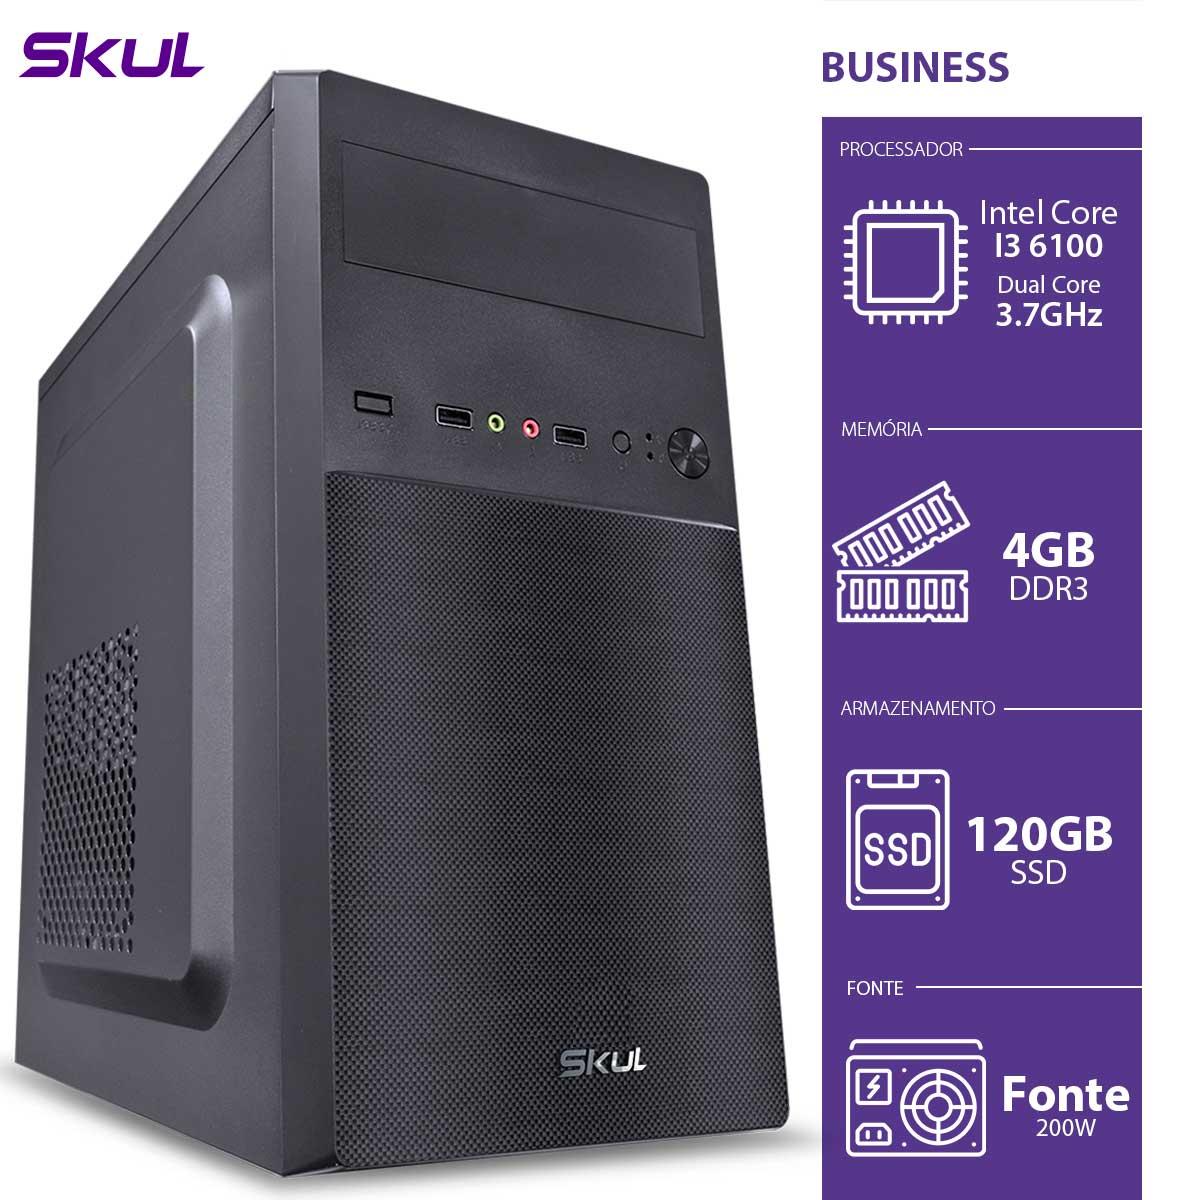 Computador Business B300 - I3-6100 3.7GHZ 4GB DDR3 SSD 120GB HDMI/VGA Fonte 200W